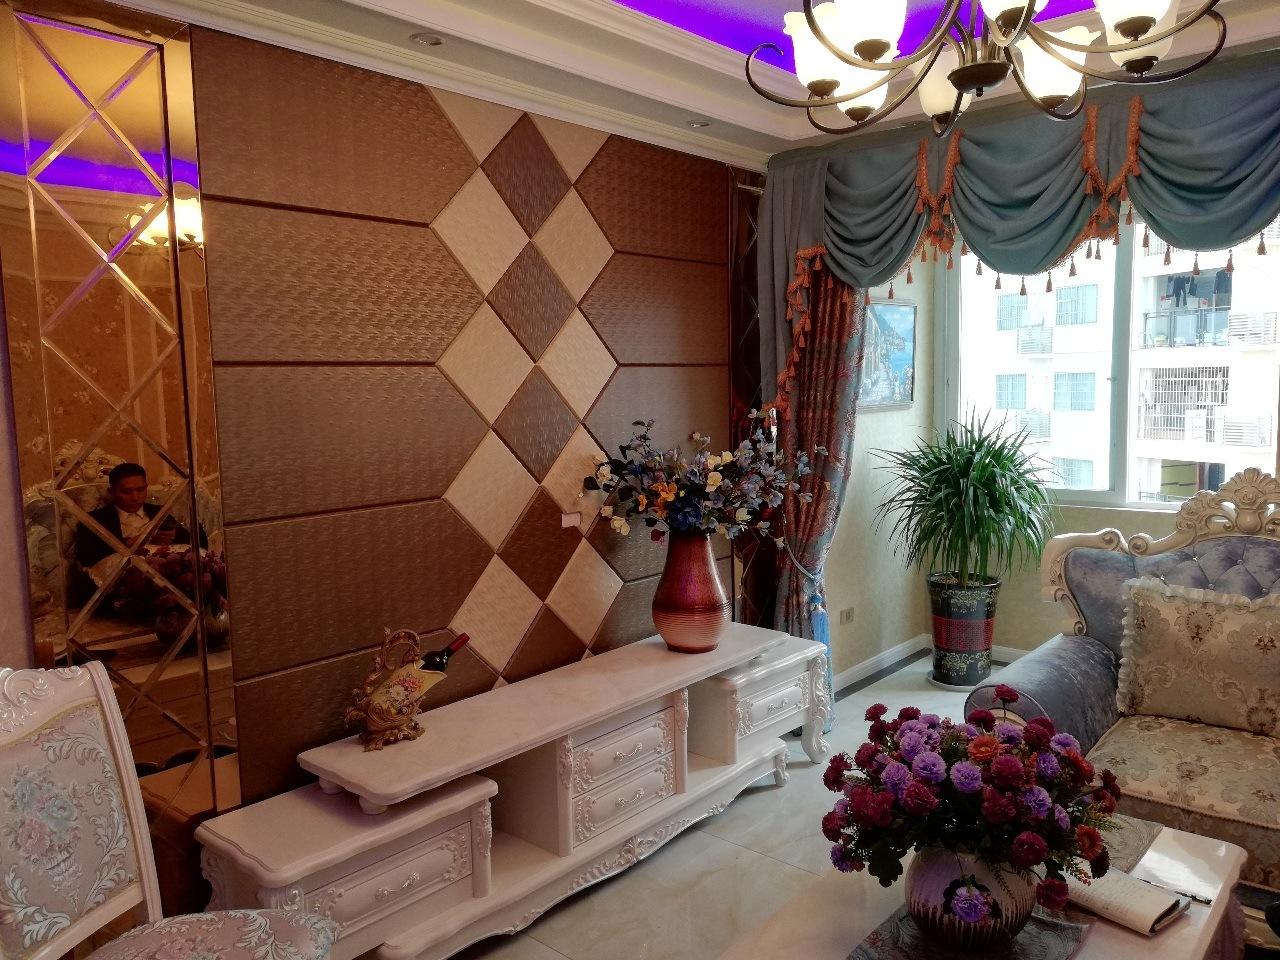 寶雍陽光鑫城2室2廳1衛學區房城市中心位置